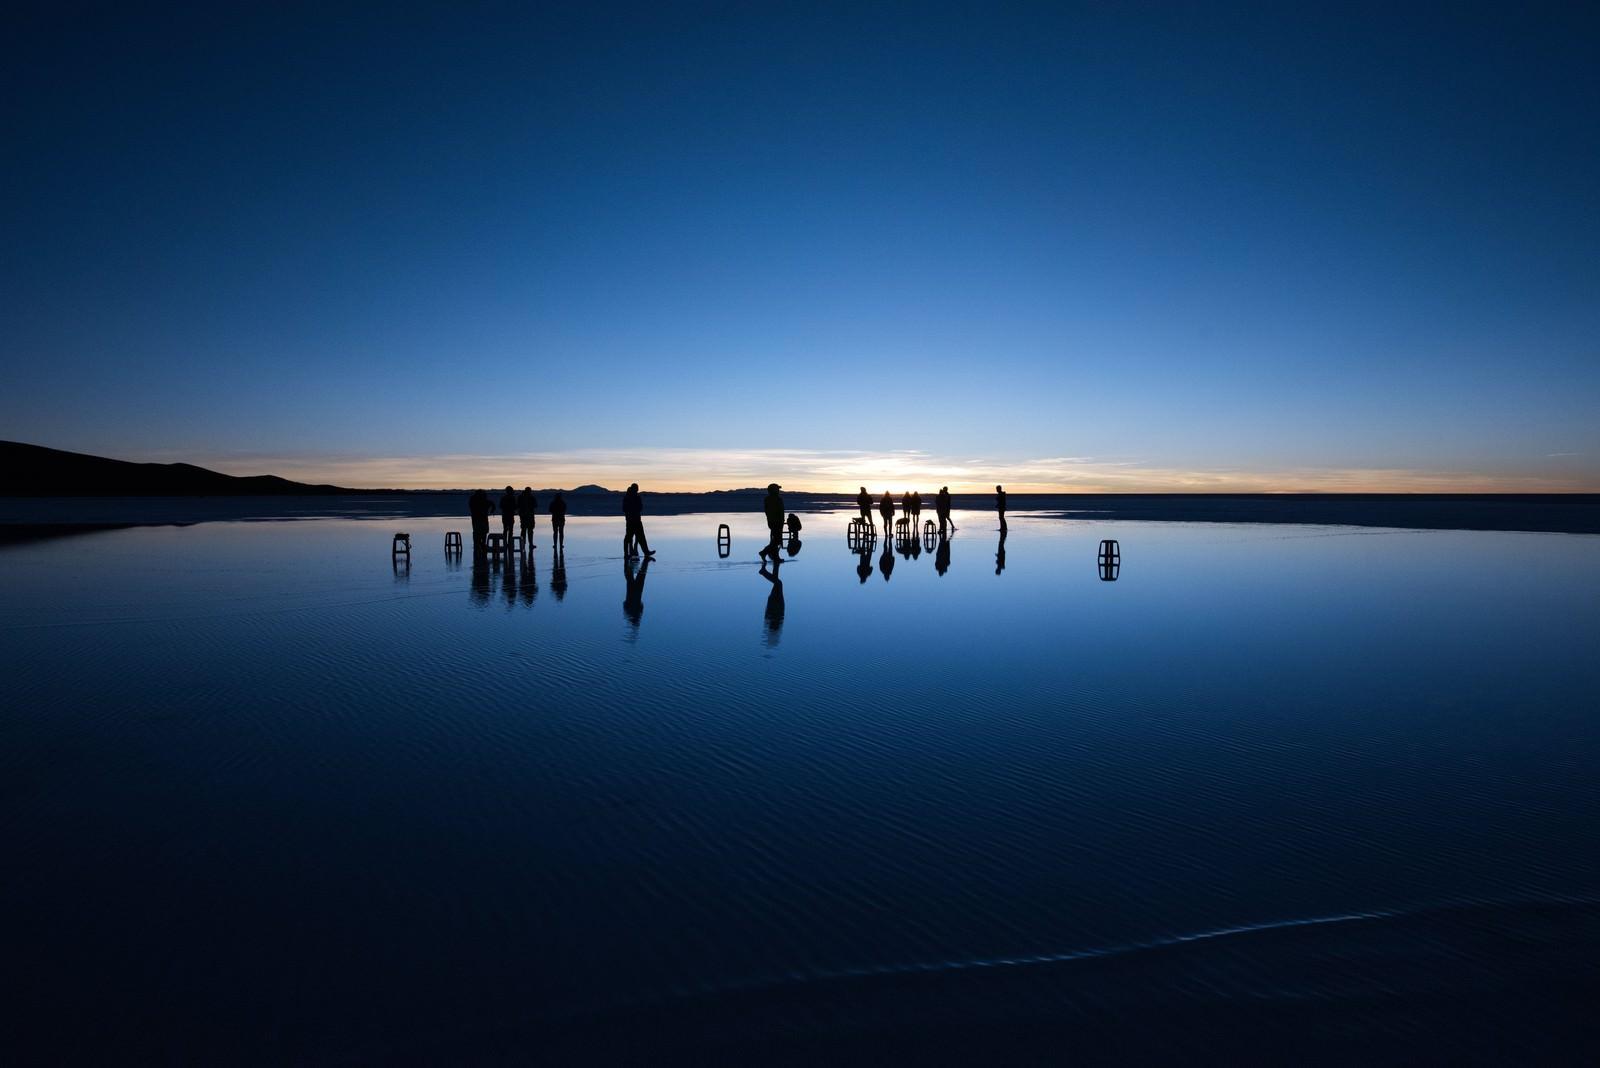 「ウユニ塩湖の日の出を待つ人」の写真